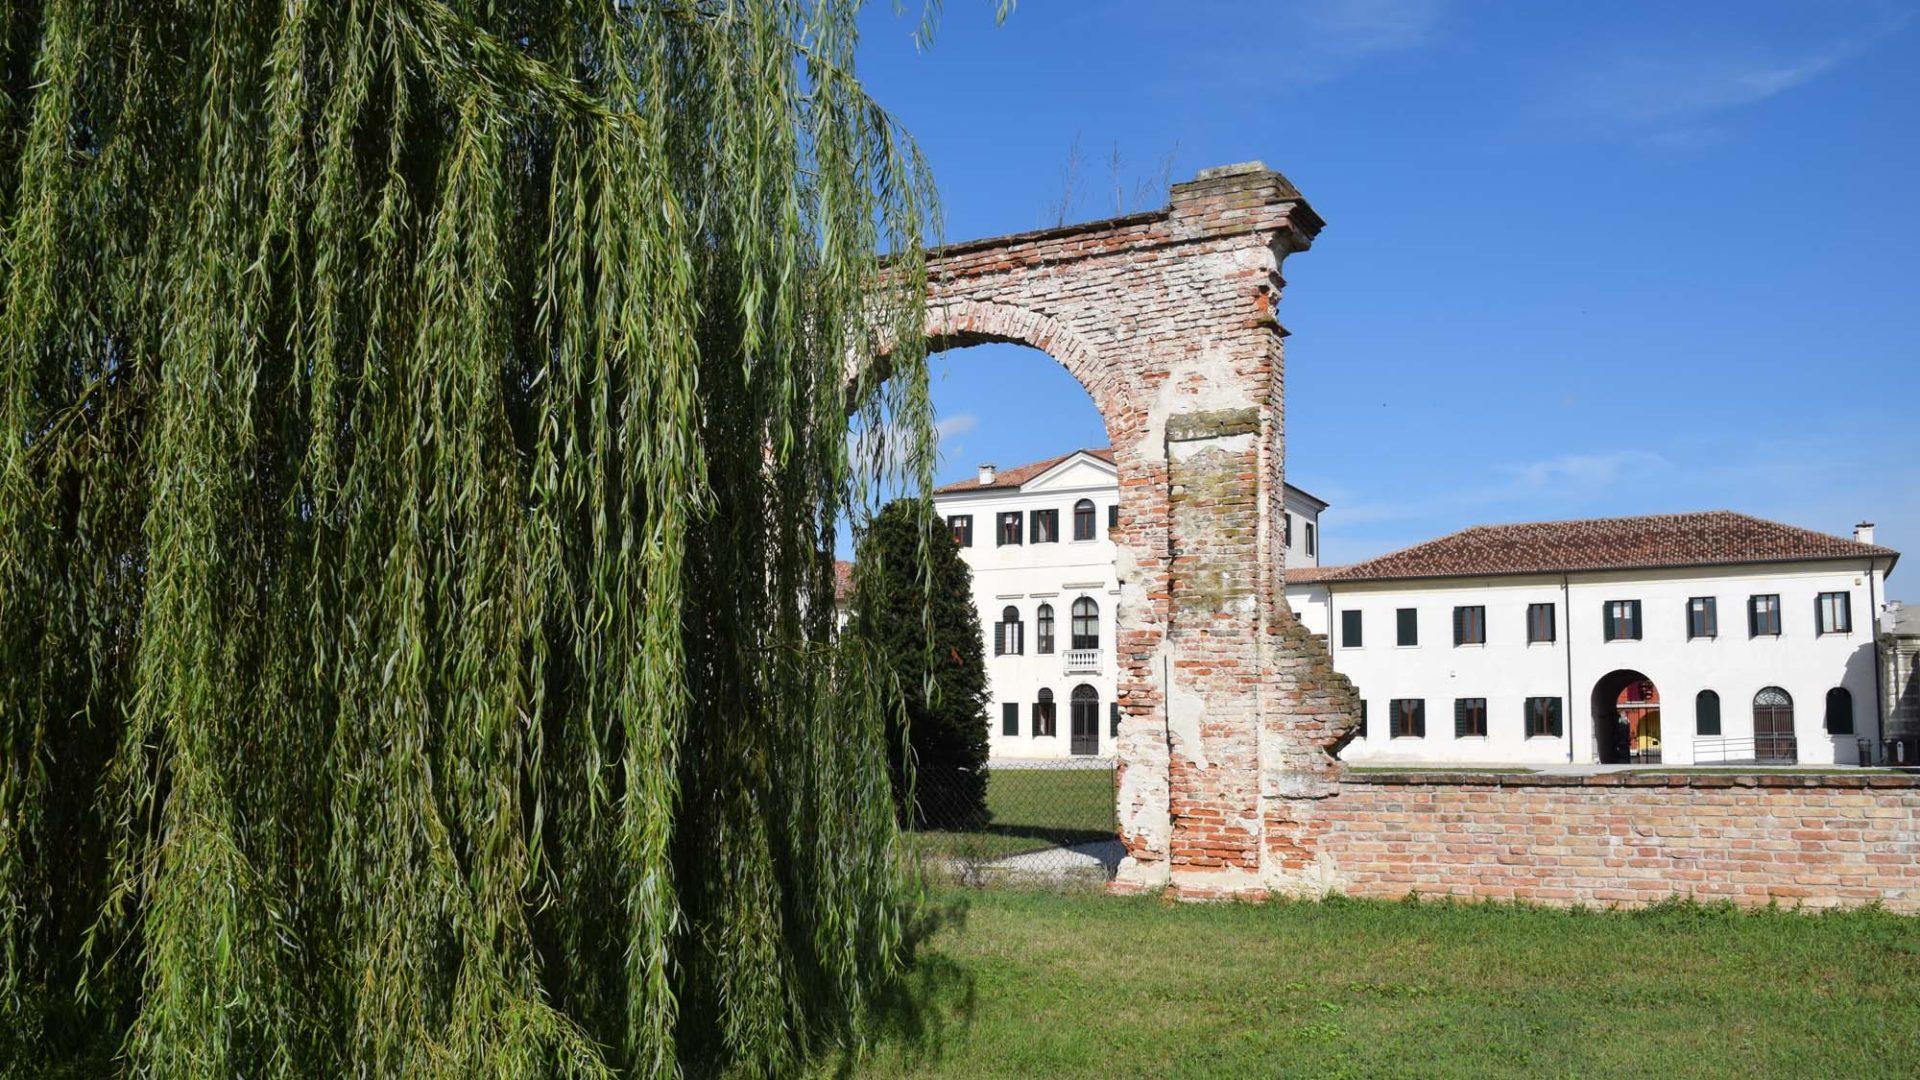 Villa pegolotto baglioni